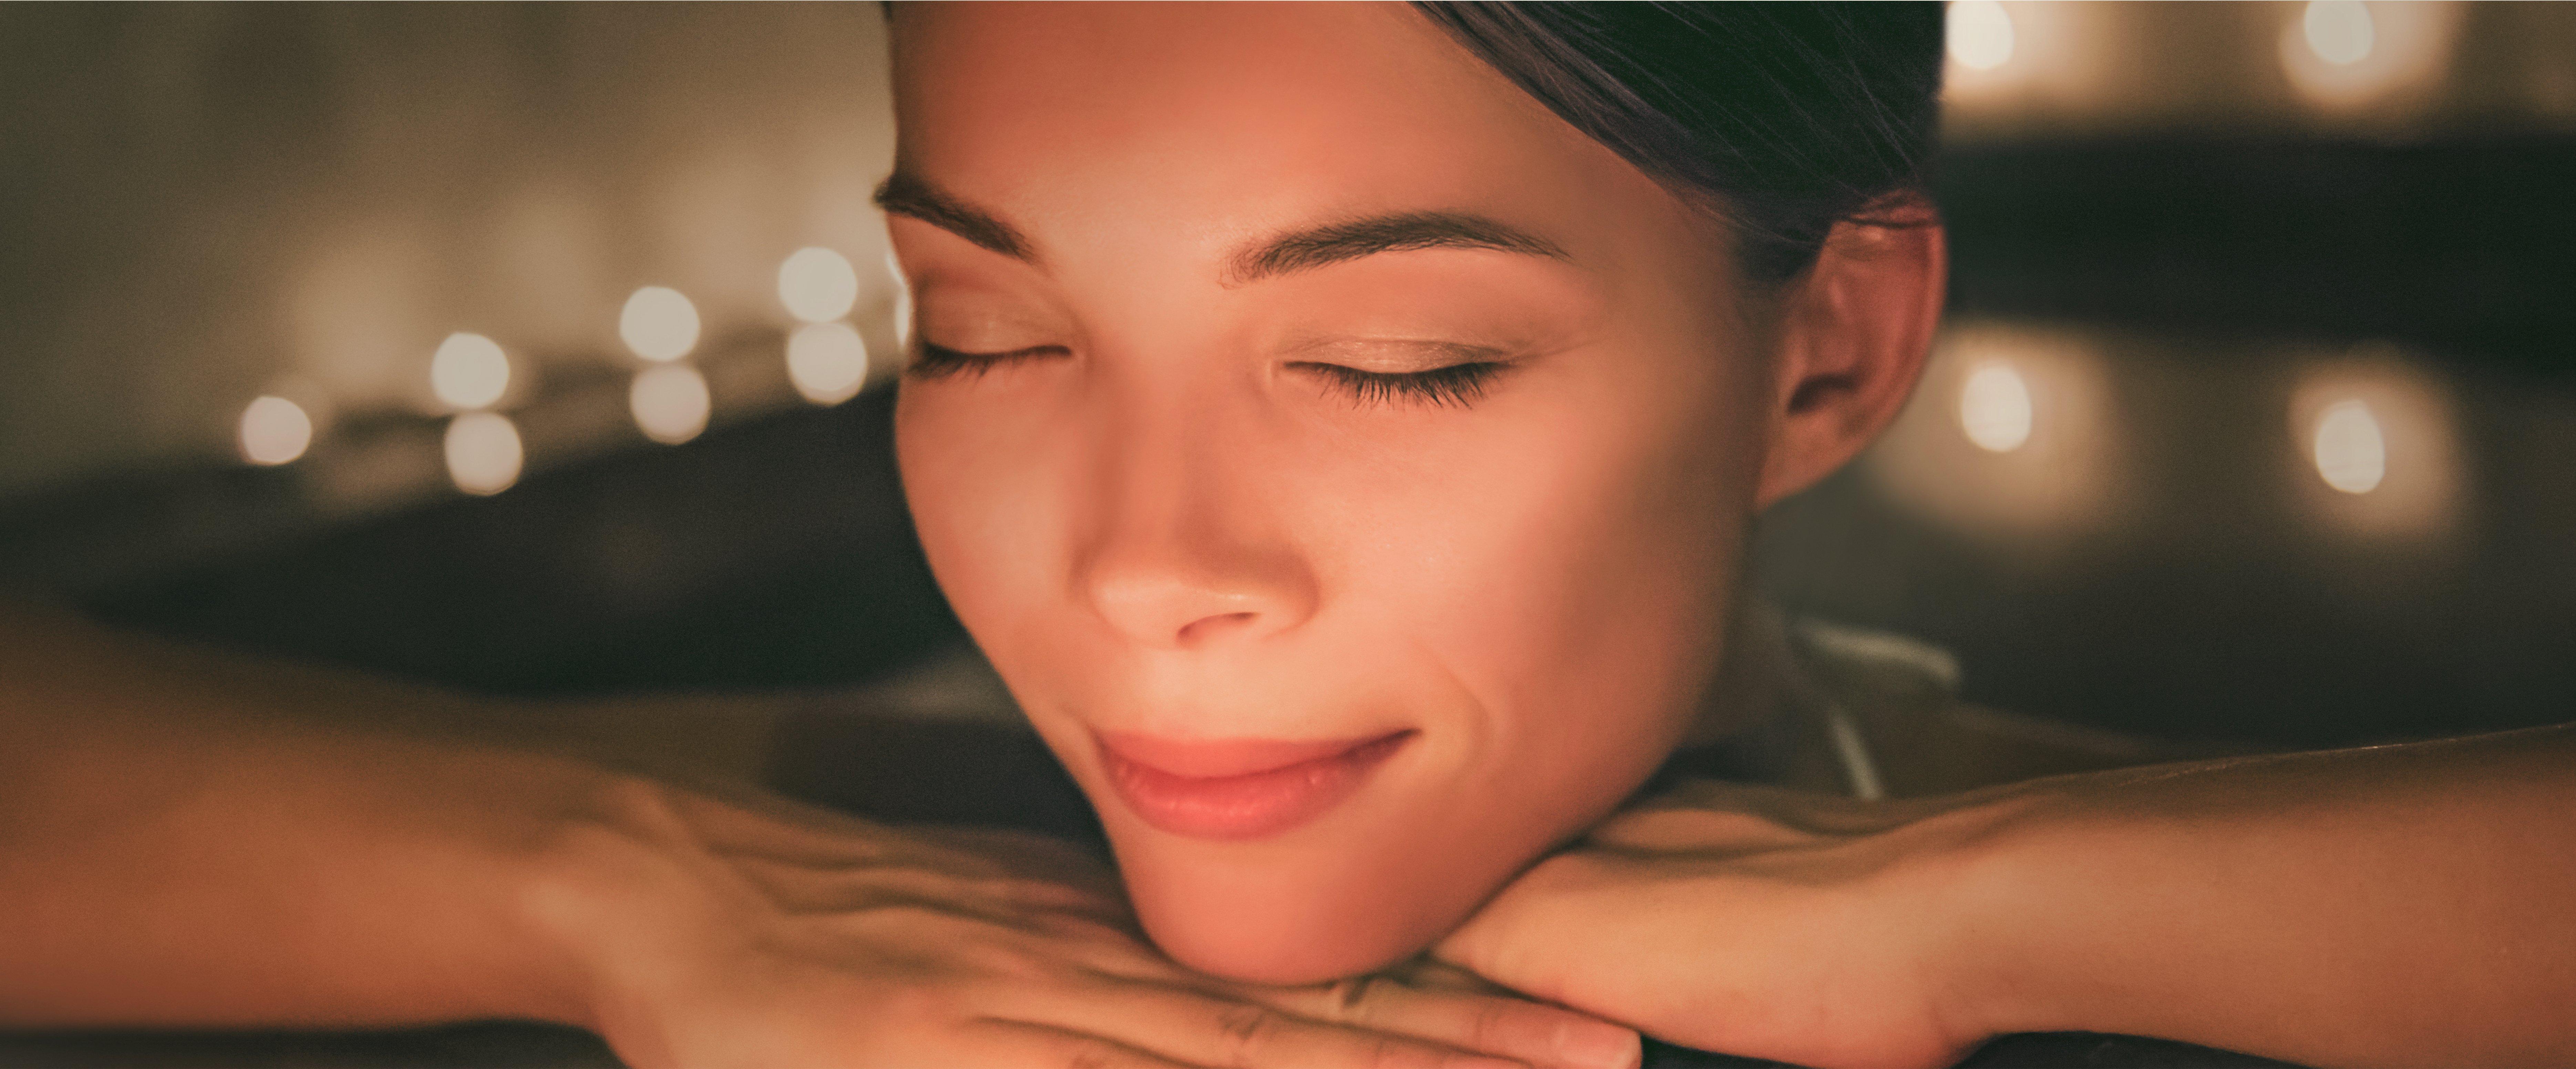 Wasserbett-massage